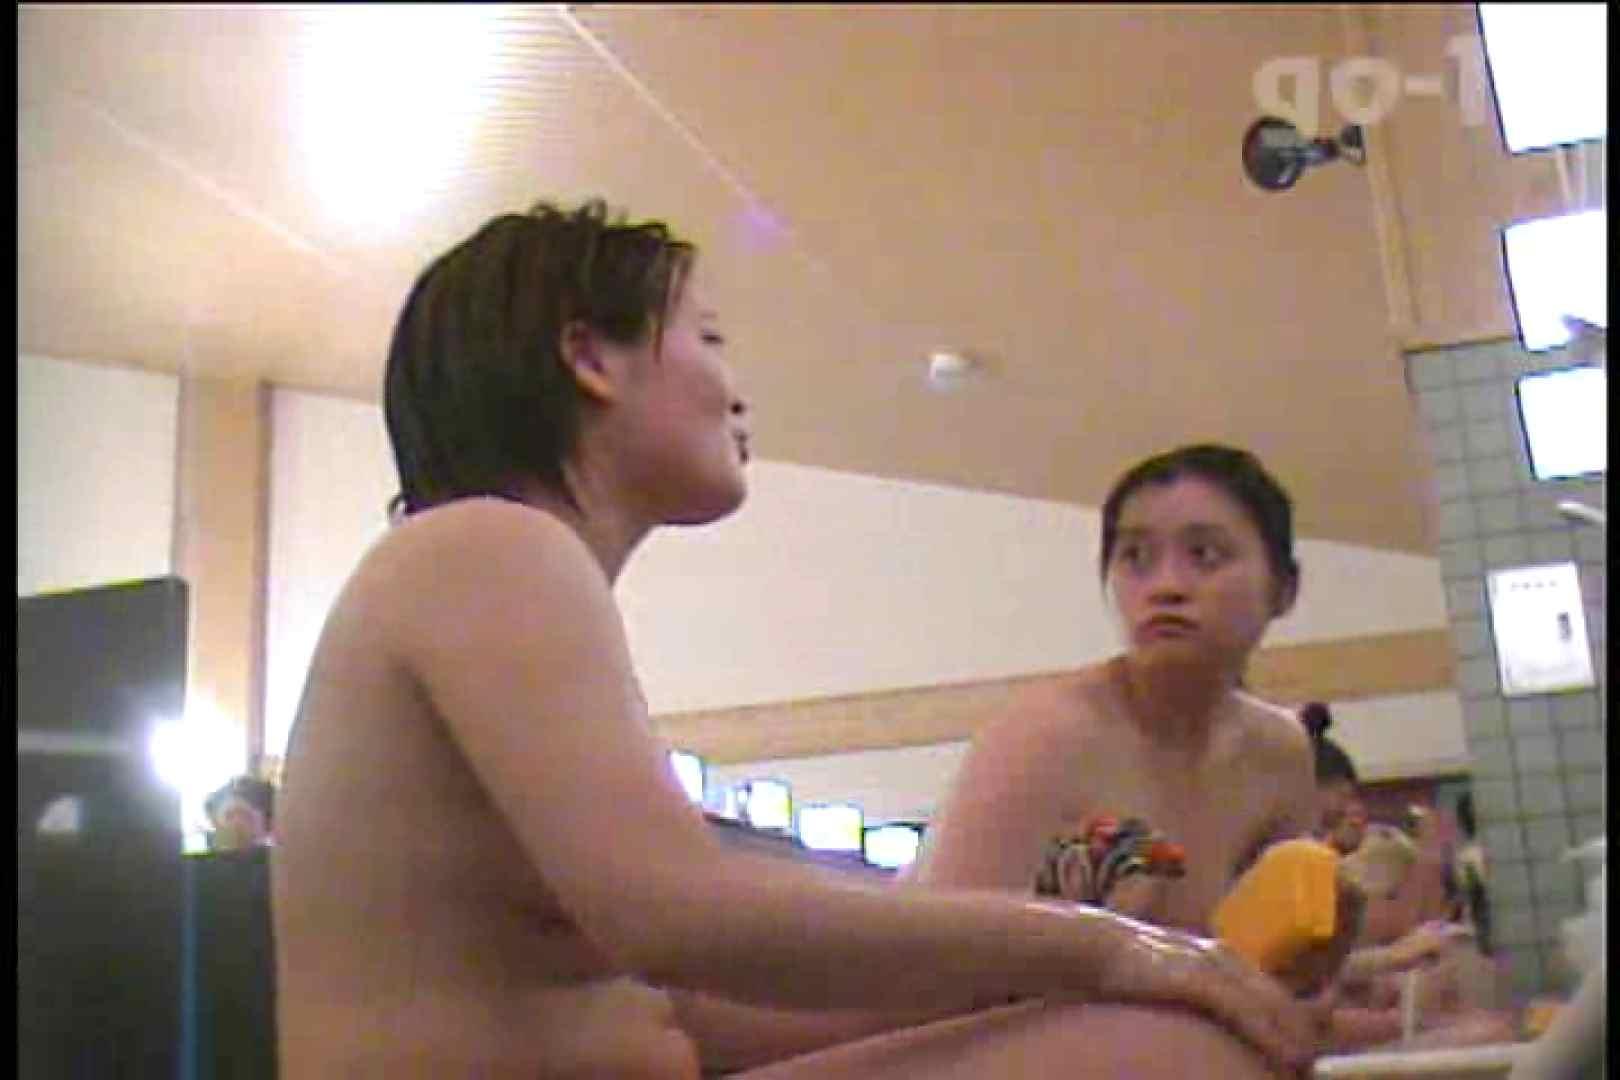 電波カメラ設置浴場からの防HAN映像 Vol.15 OLの実態 盗撮セックス無修正動画無料 73pic 11